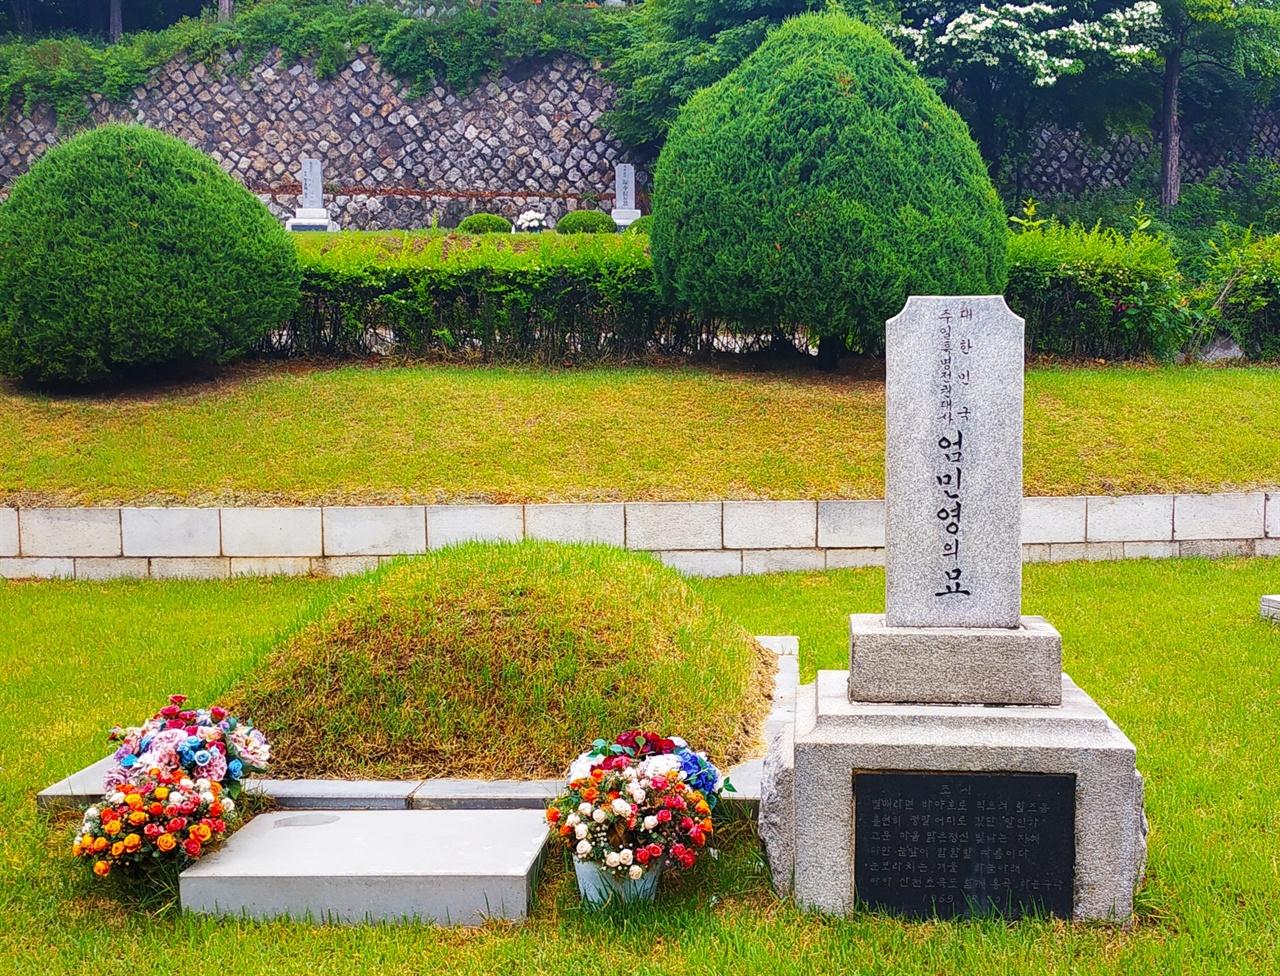 엄민영의 묘 엄민영은 1939년 규슈제국대학 법문학부를 졸업하고, 이듬해 일본 고등문관시험 행정과에 합격하여 조선총독부의 관료를 지낸 인물이다. 1943년부터 임실군수와 무안군수를 지냈다.